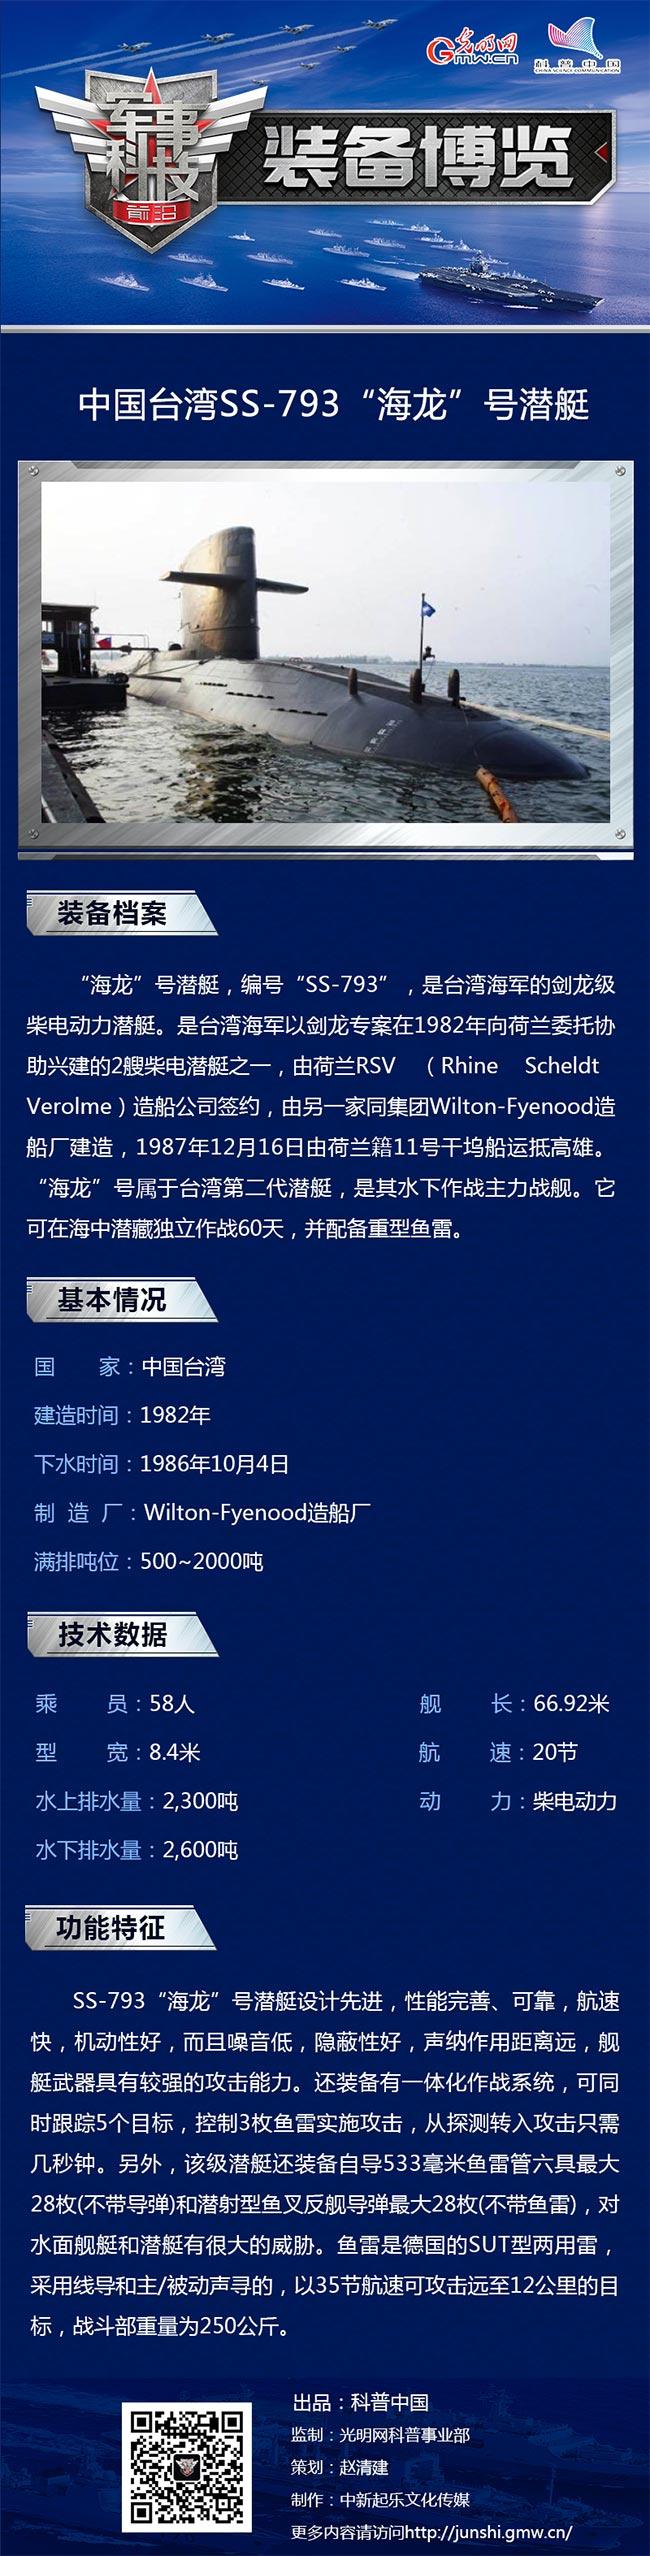 美高梅游戏官网 2